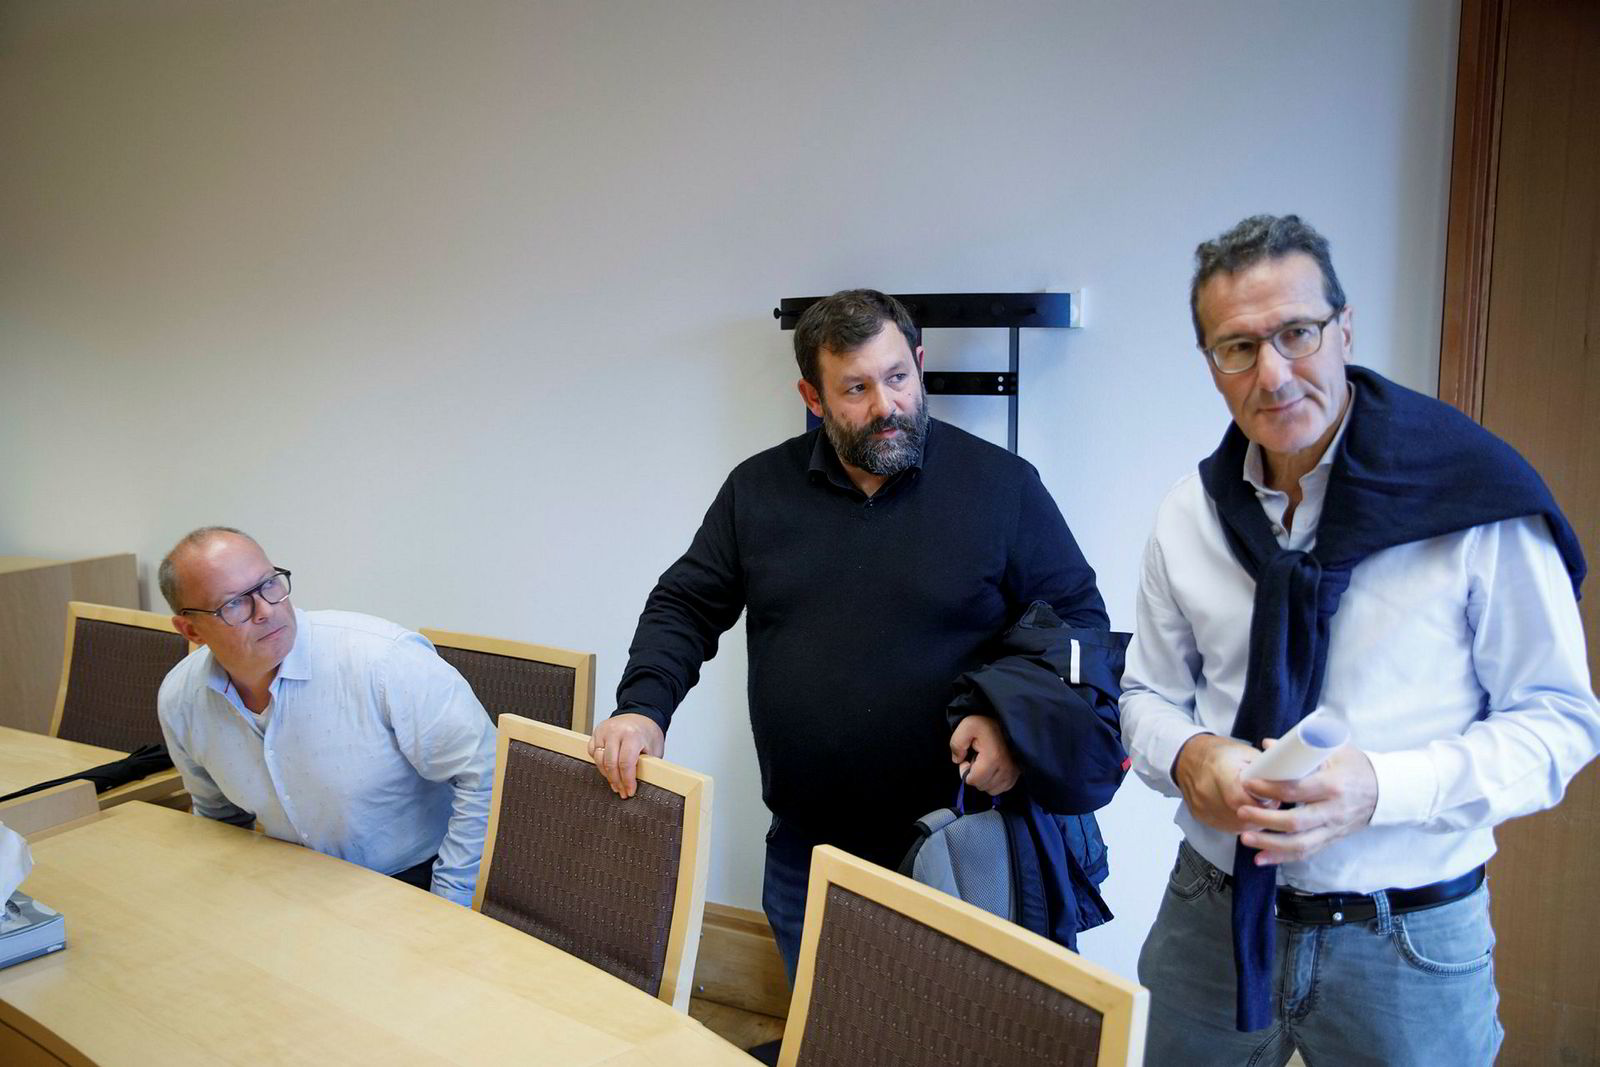 Jan Herman Plavnik Dante har nylig kommet inn på eiersiden av Filago. Fra venstre: Styreleder Helge Lund-Roland, daglig leder Trygve Harder Strand og Jan Herman Plavnik Dante.